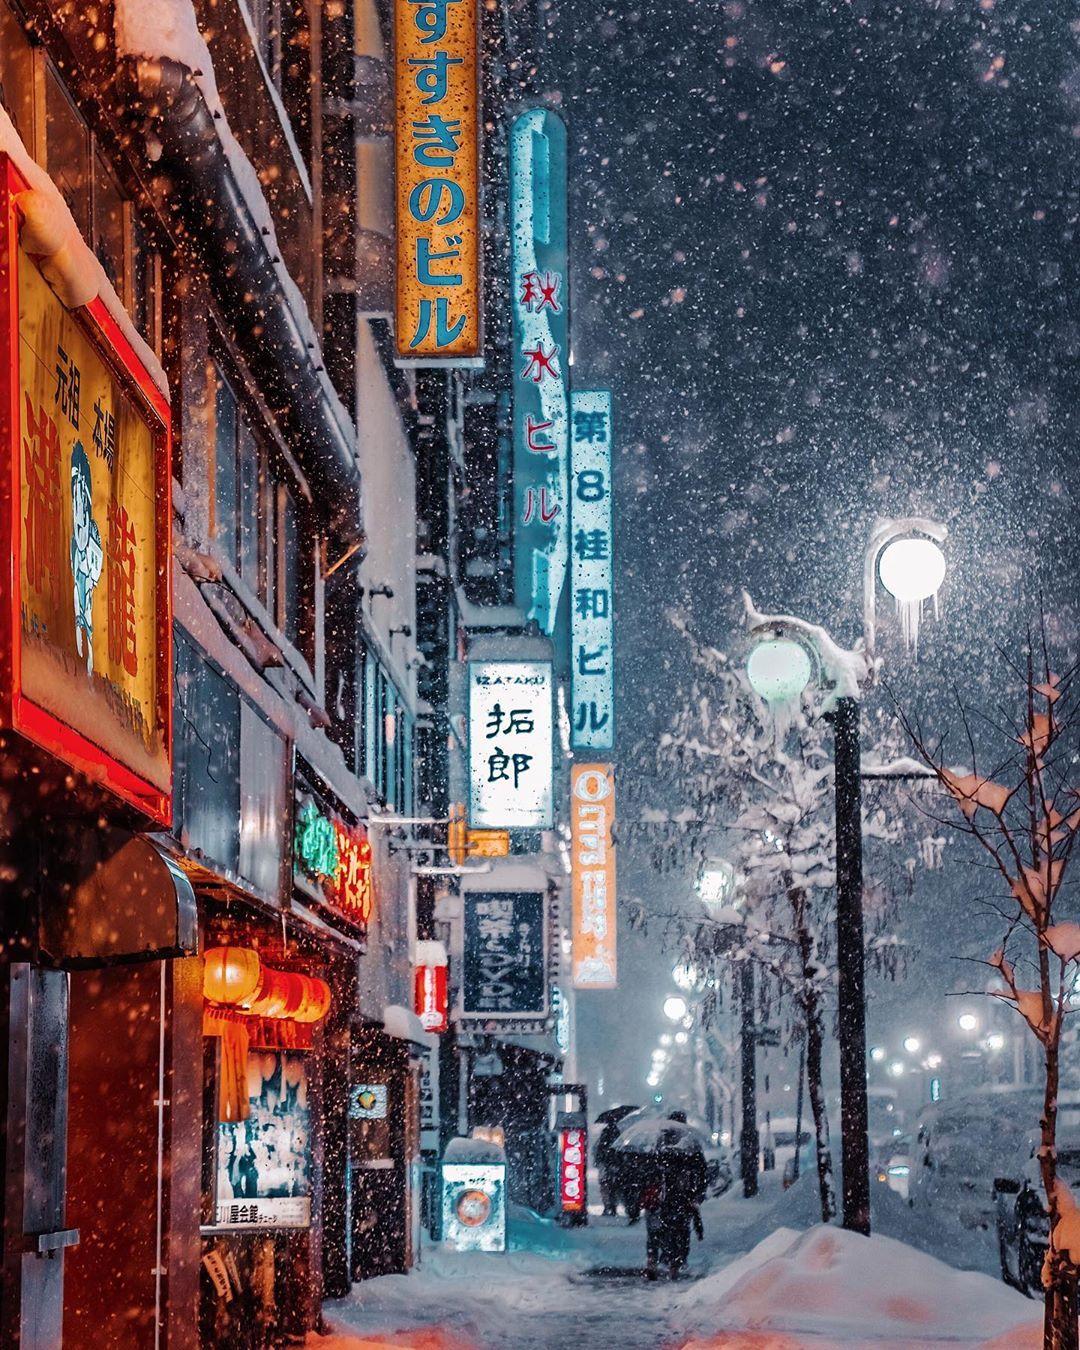 温暖的冬日影像 | 摄影师Kristina Makeeva镜头里的日本